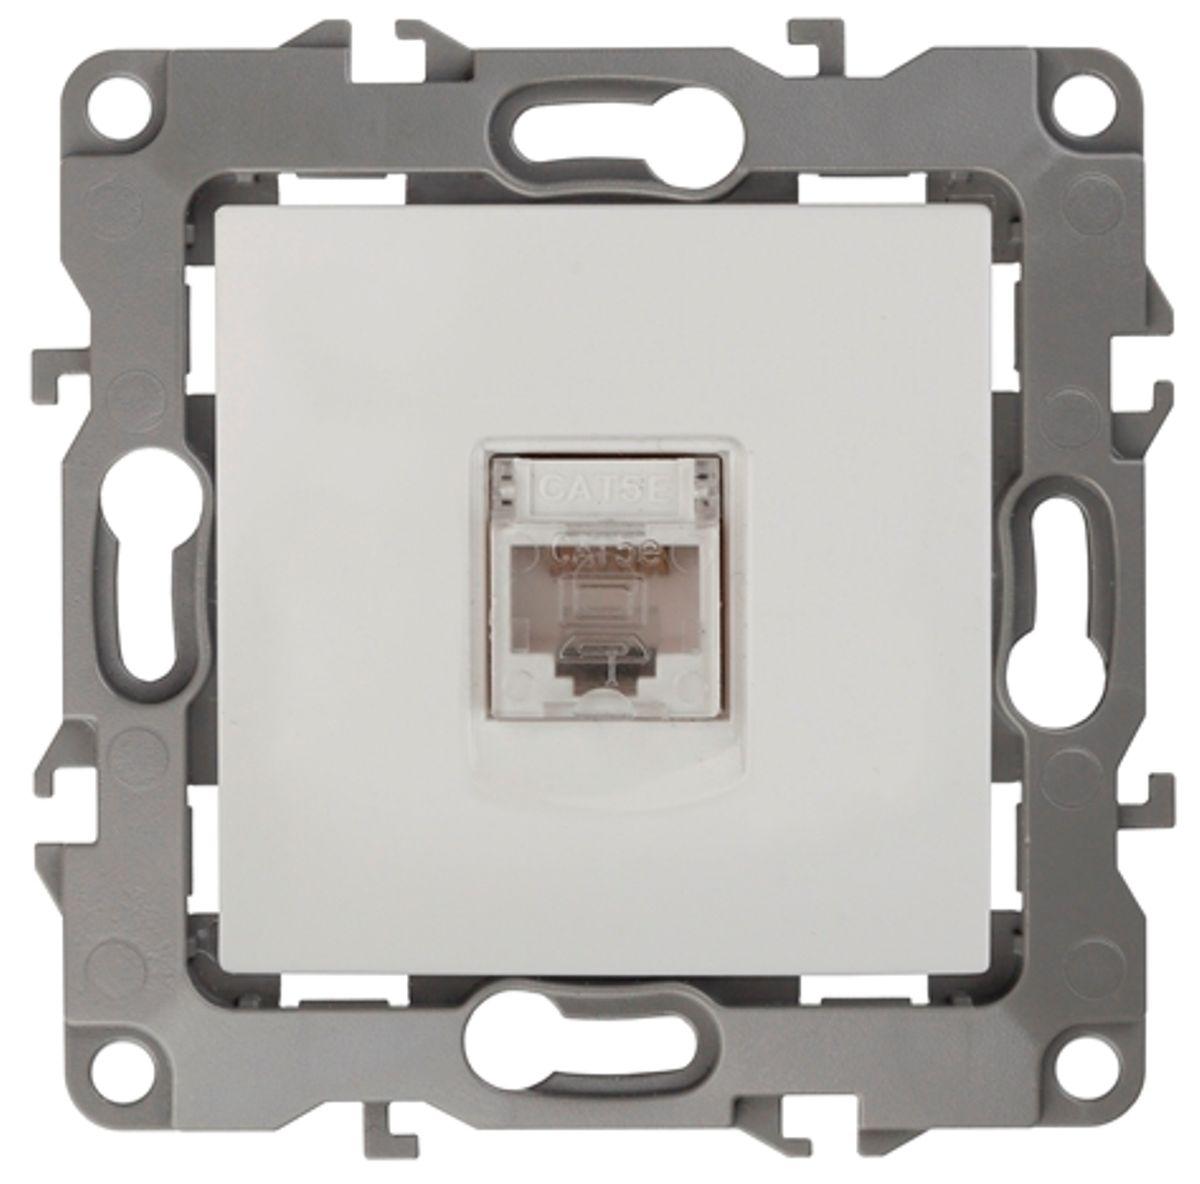 Розетка информационная Эра, цвет: слоновая кость12-3107-02Информационная розетка Эра скрытой установки, категории 5е, имеет бронзовые контакты, фиксаторы модулей и защитную крышку. Предназначена для установки в телекоммуникационных сетях и служит для подключения к локальным сетям, сети интернет и для подсоединения внешних устройств (телефон, факс и прочее). Автоматические зажимы кабеля обеспечивают быстрый и надежный монтаж изделия к электросети без отвертки и не требуют обслуживания в отличие от винтовых зажимов.